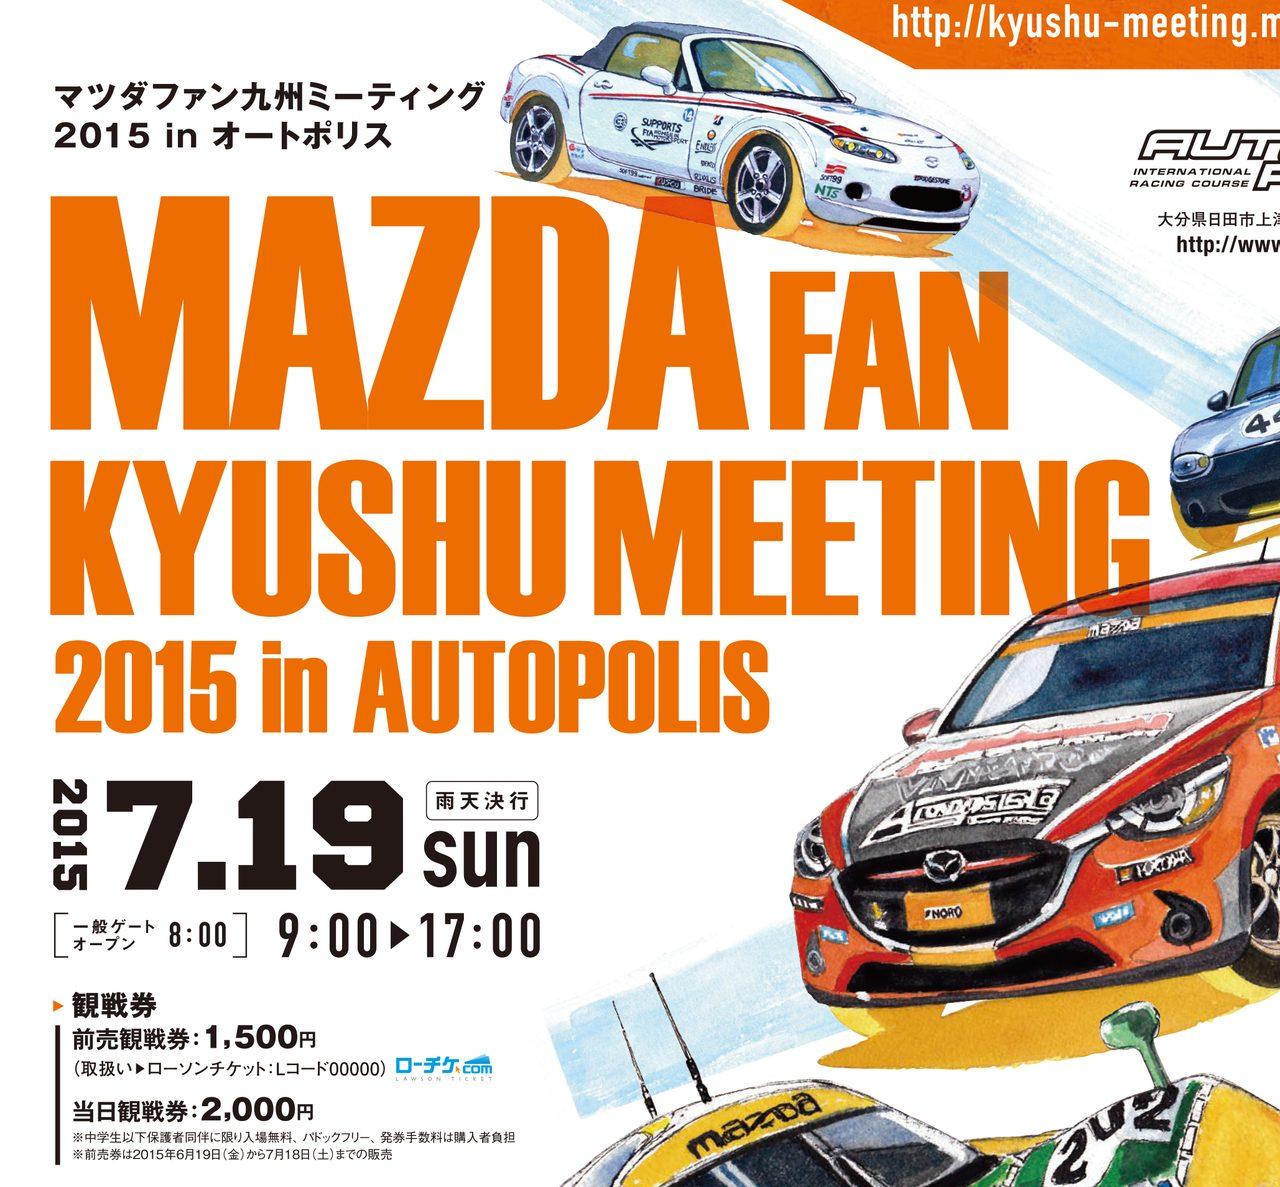 画像: オーナーズクラブ企画:マツダファン九州ミーティング2015 in AUTOPOLIS - MAZDA FAN SITE